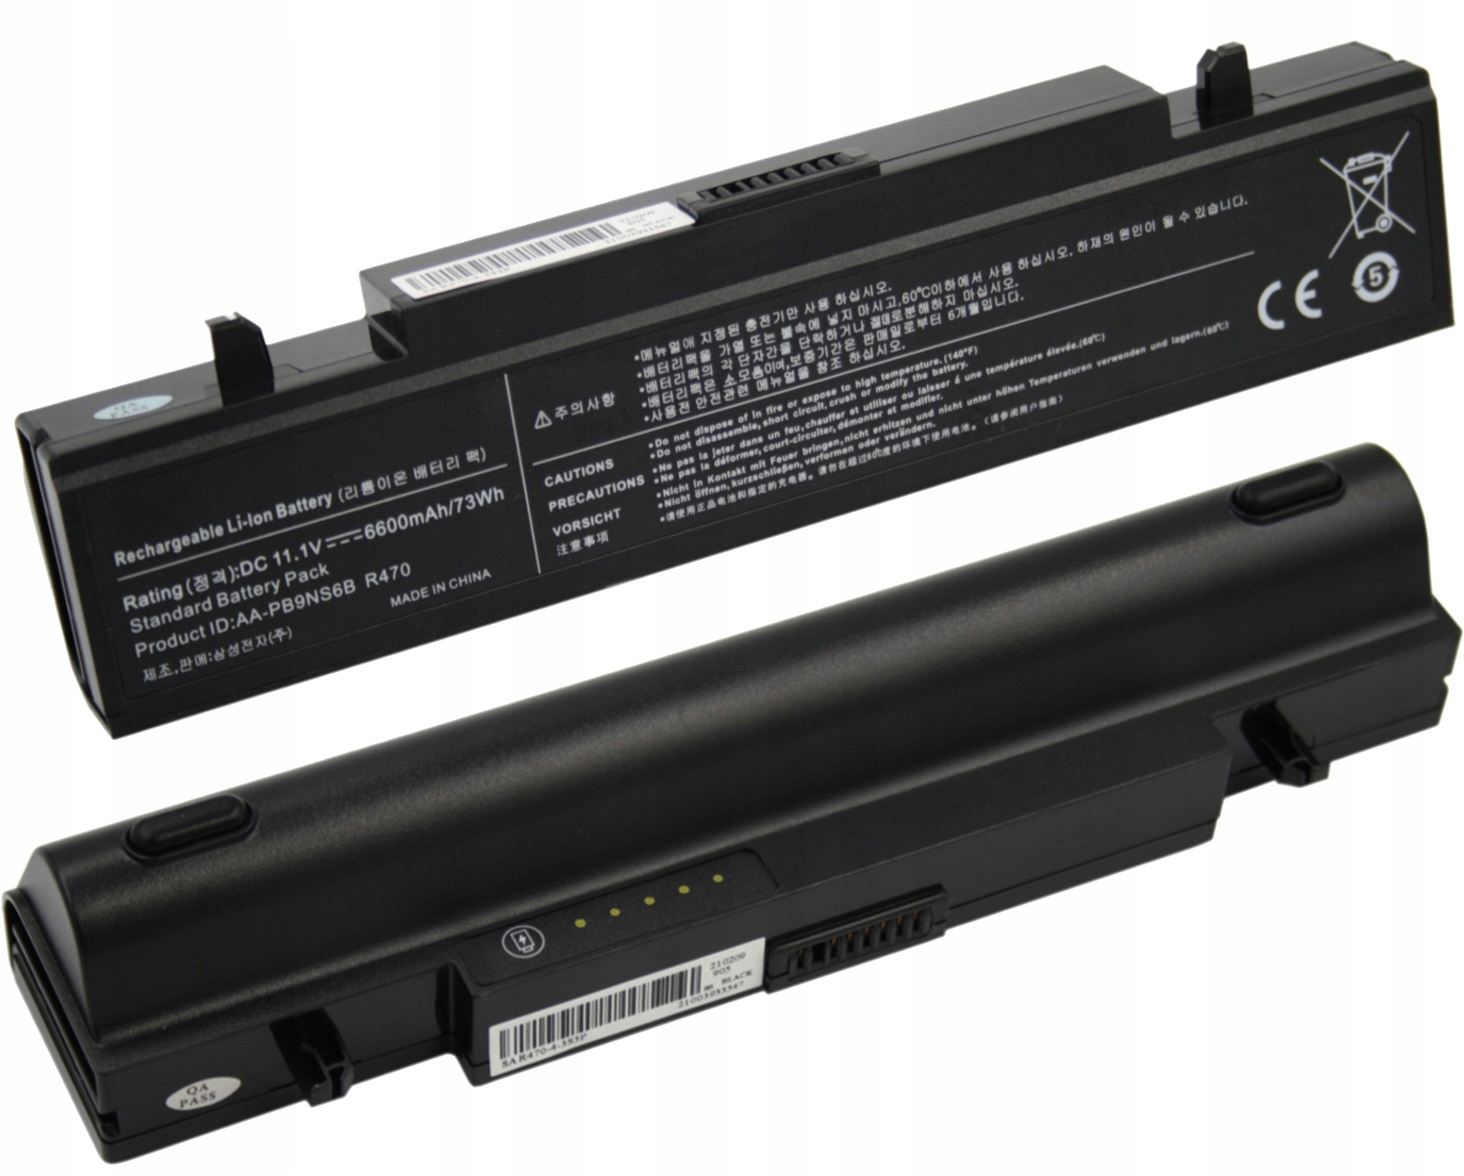 BATERIA AKUMULATOR SAMSUNG NP-R522 R530 R540 R580 AA-PB9NS6B - Baterie do laptopów